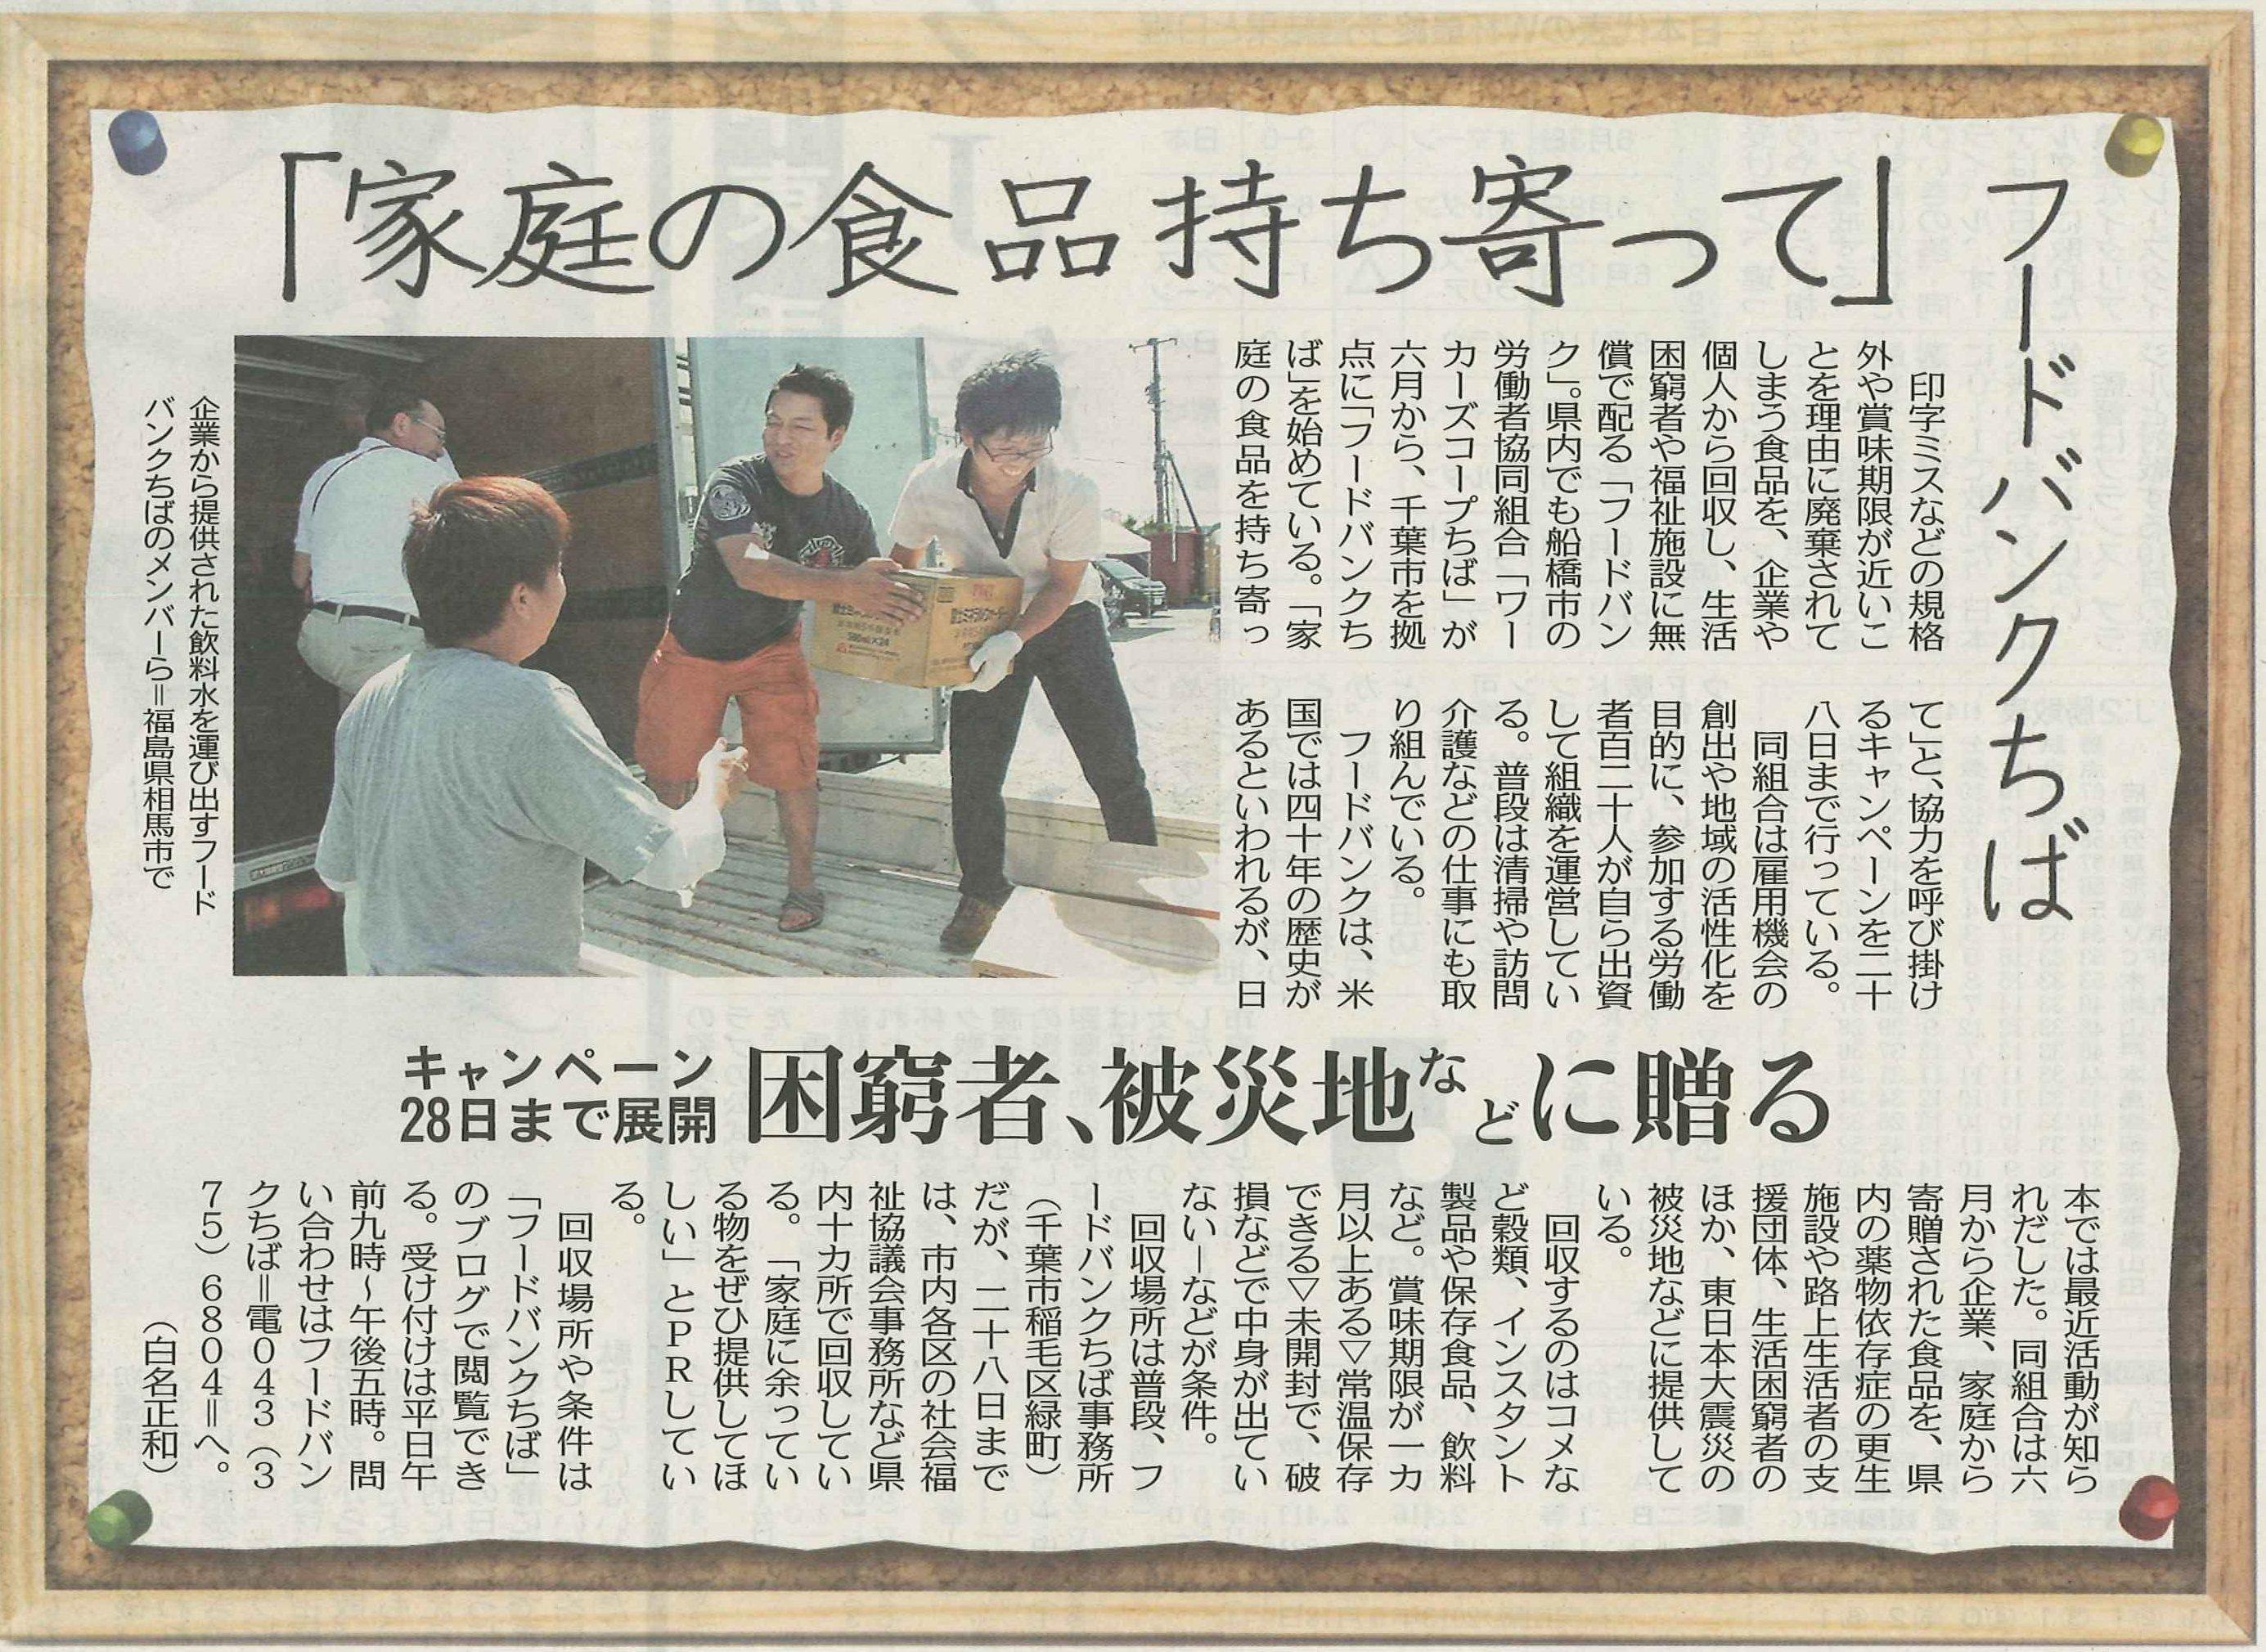 東京新聞2012年9月15日千葉版